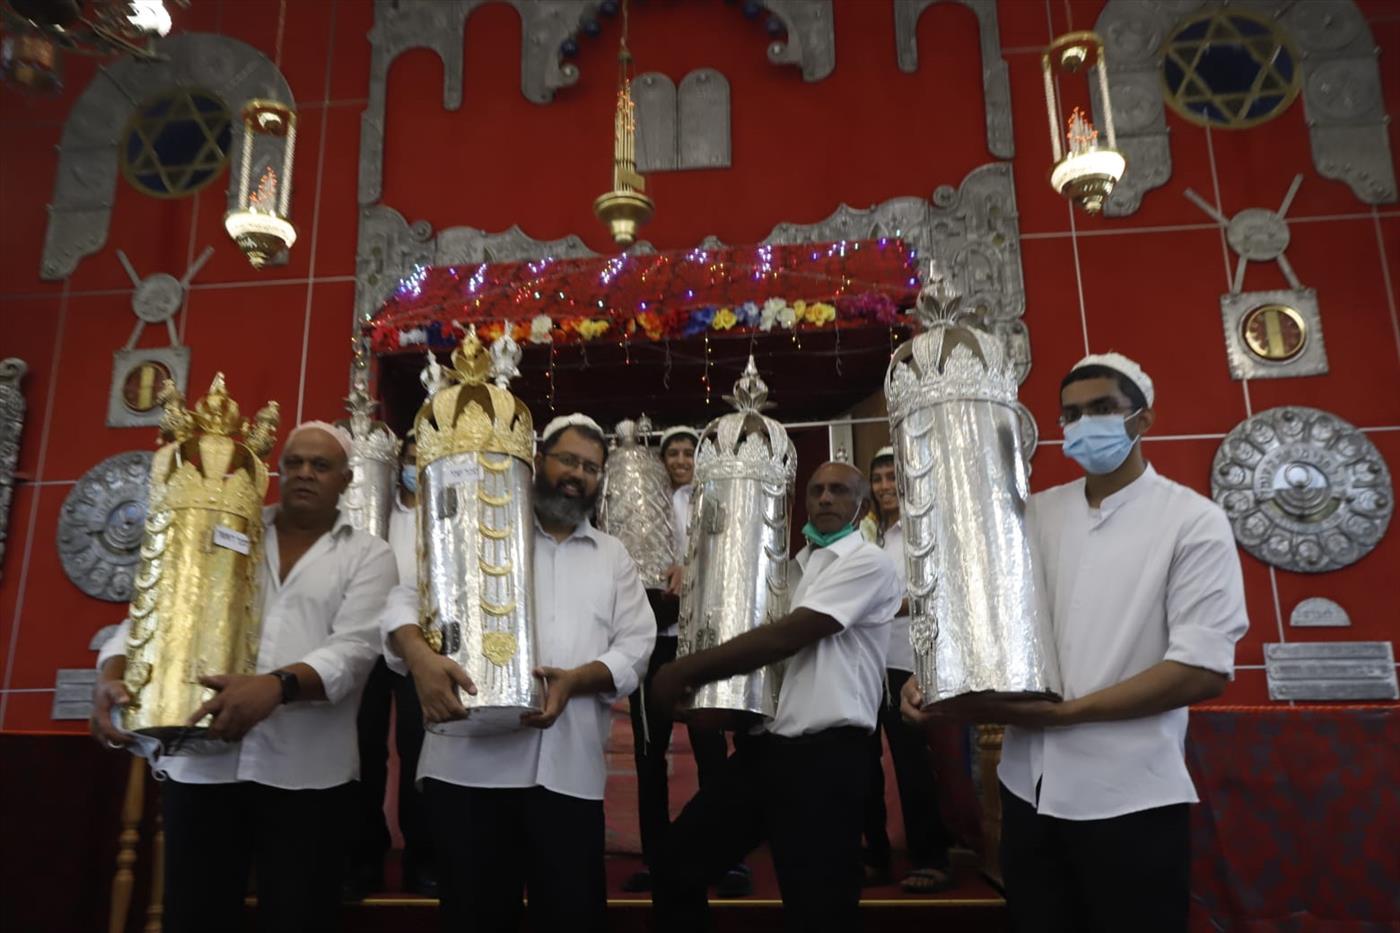 הקפות שניות בבית הכנסת ליוצאי קוצ'ין במושב נבטים שבדרום (צילום: איתן אלחדז/TPS)